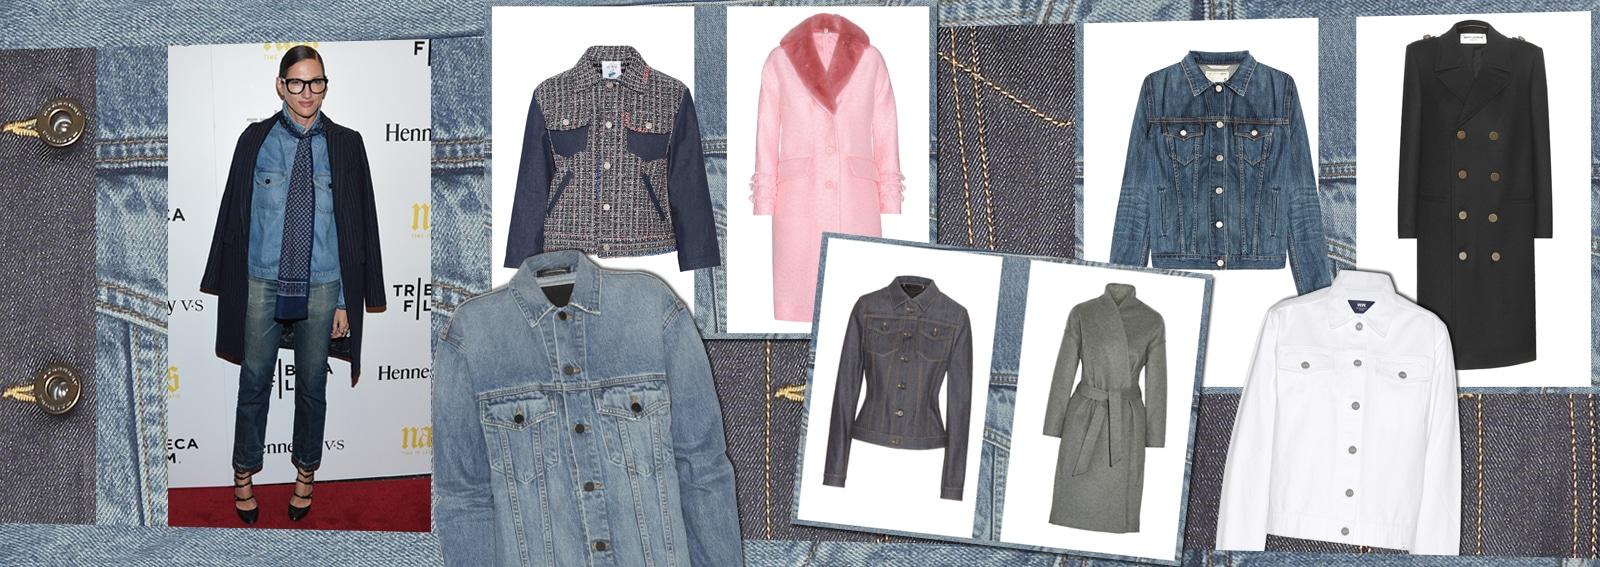 cover come abbinare giacca jeans cappotto desktop